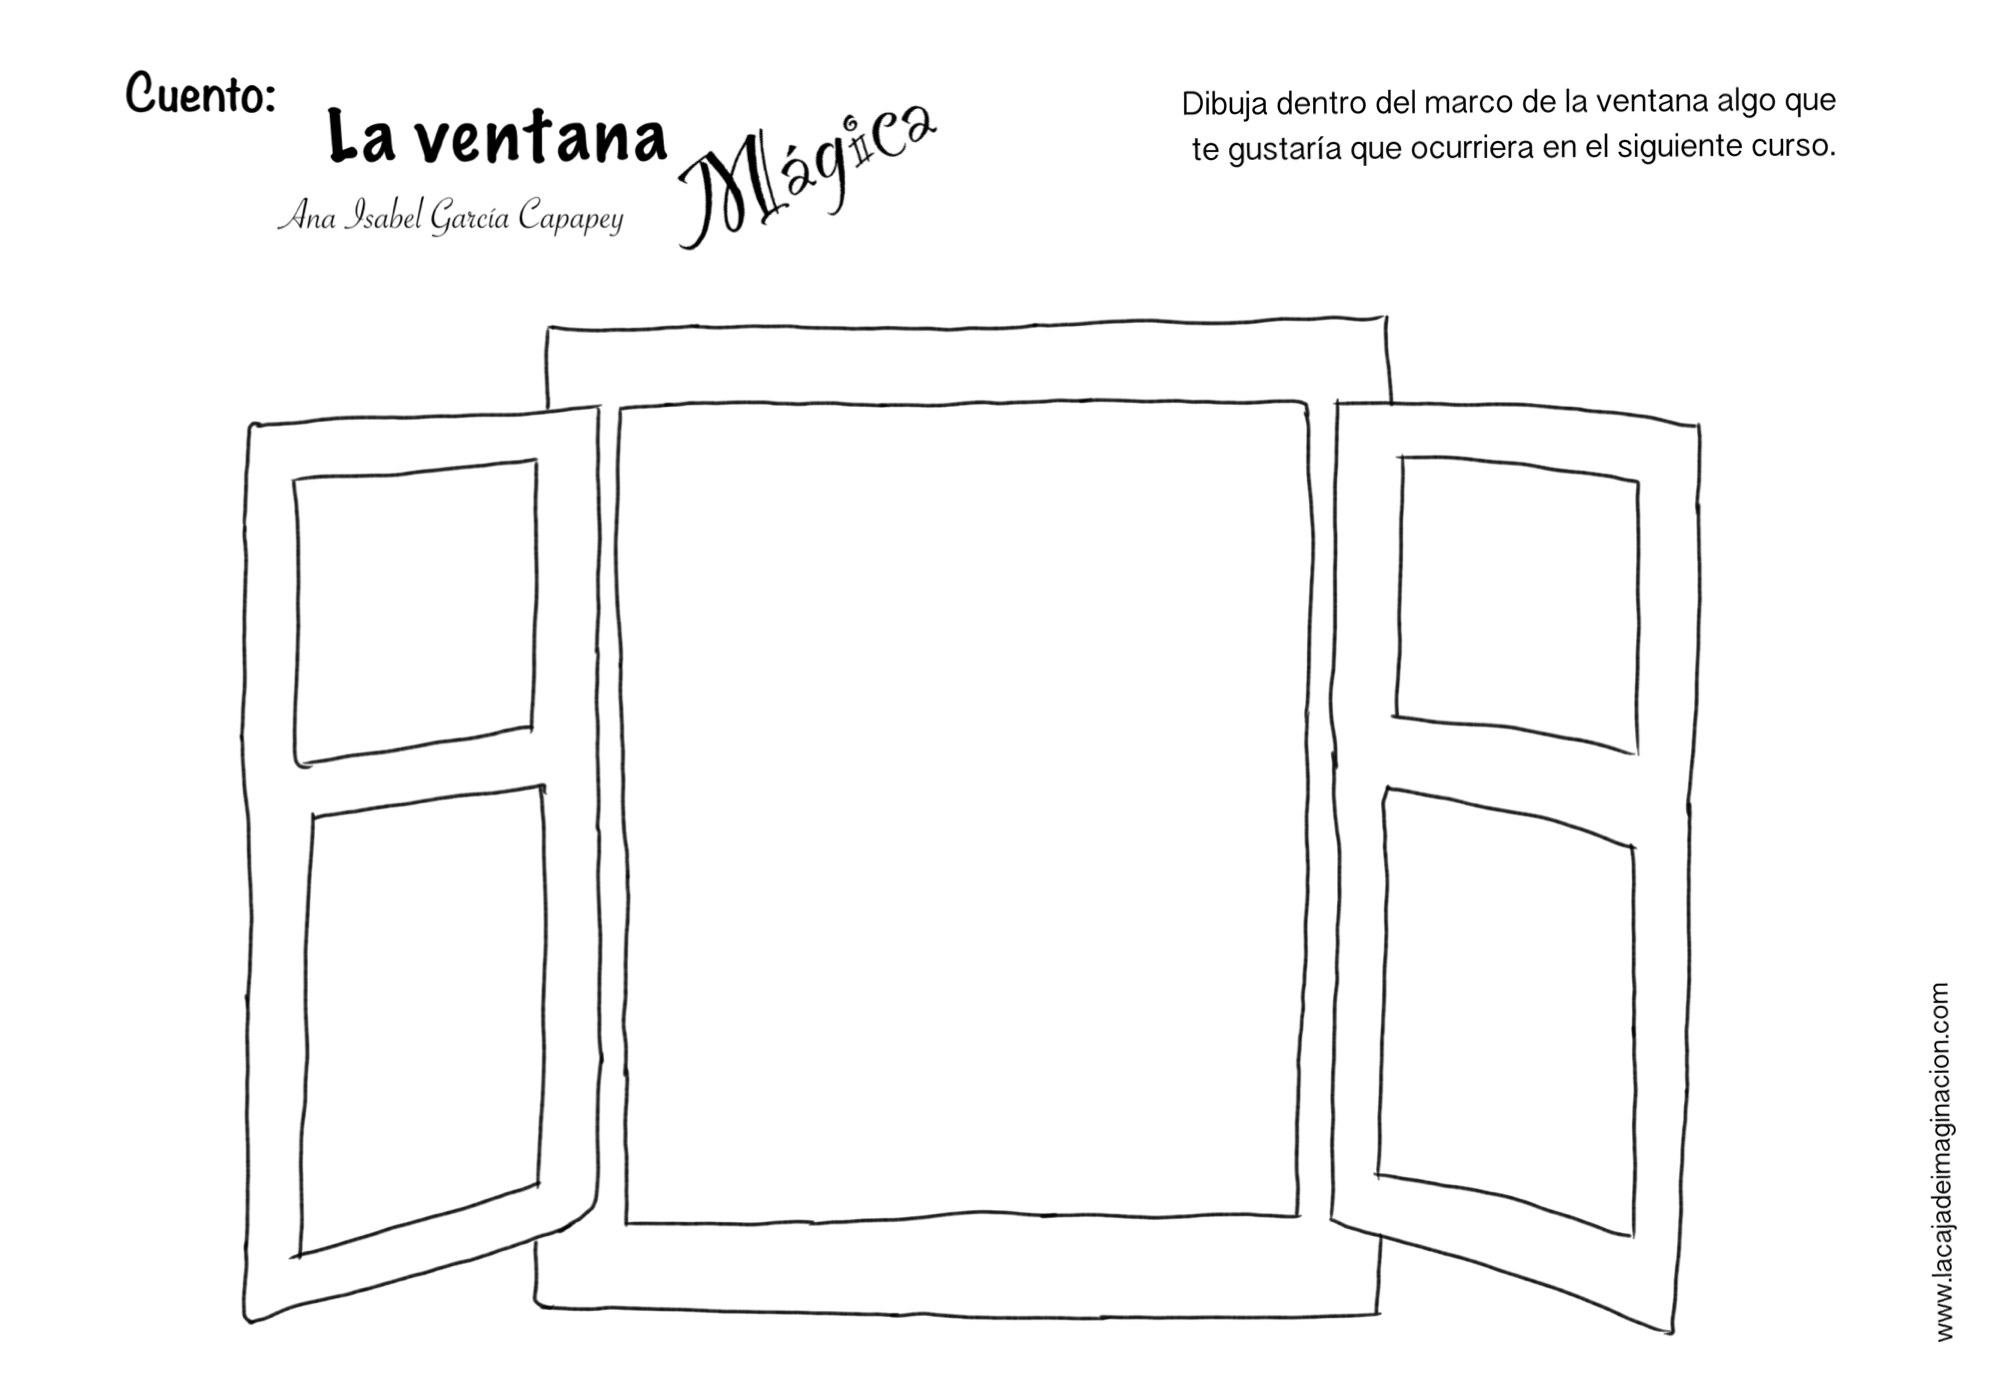 Dibujos De Ventanas Cool Dibujo De Una Ventana Con Flores With